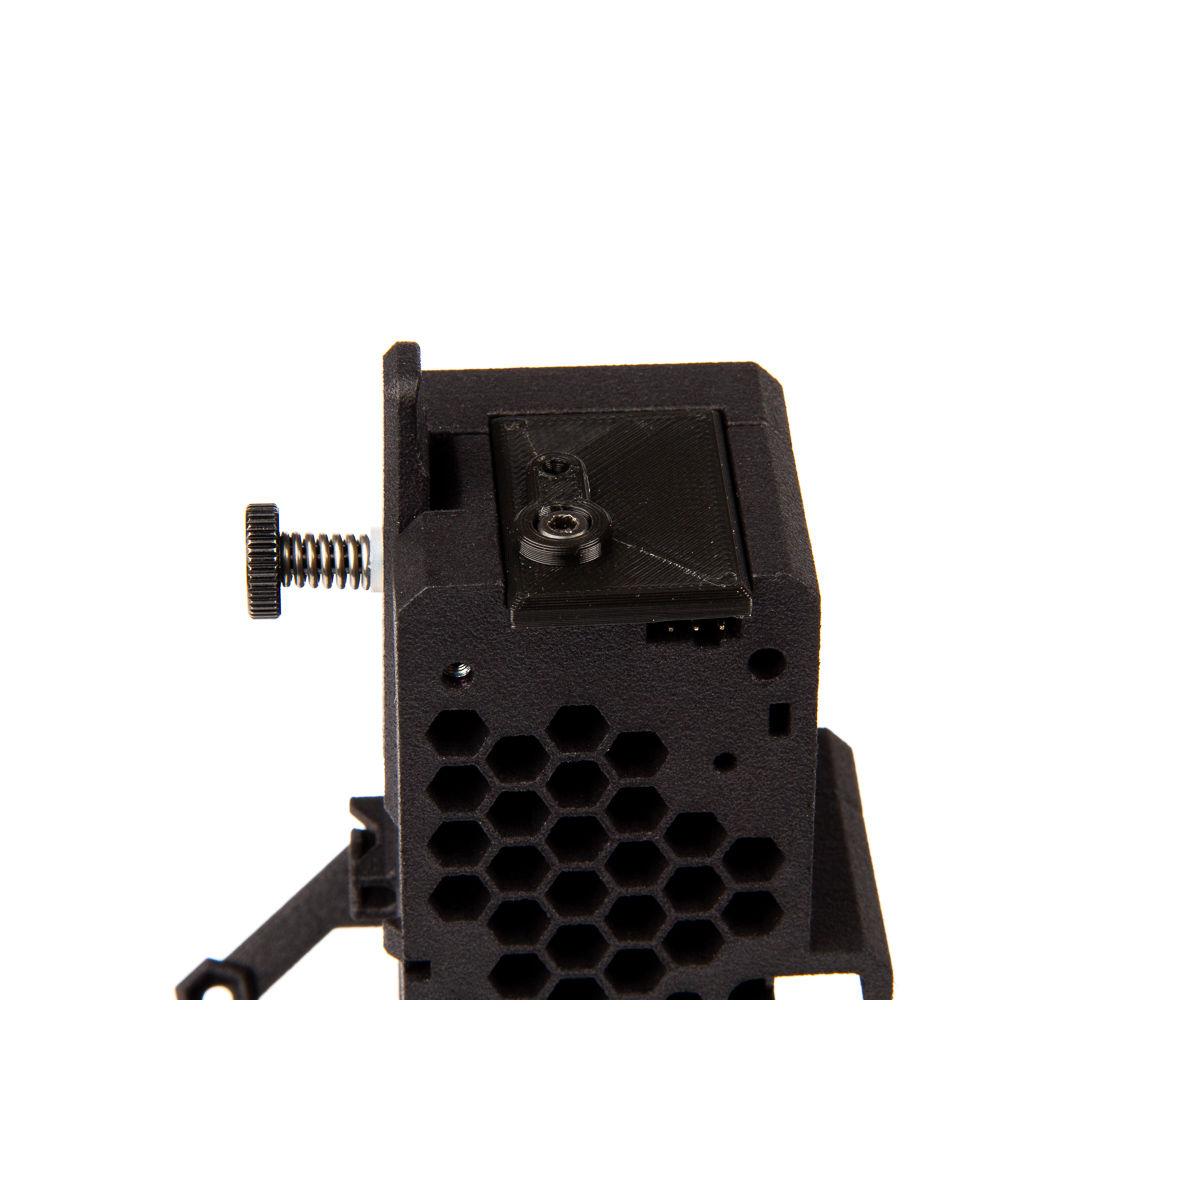 Bondtech - Prusa i3 MK3S Extruder Upgrade - 3D Printing Canada